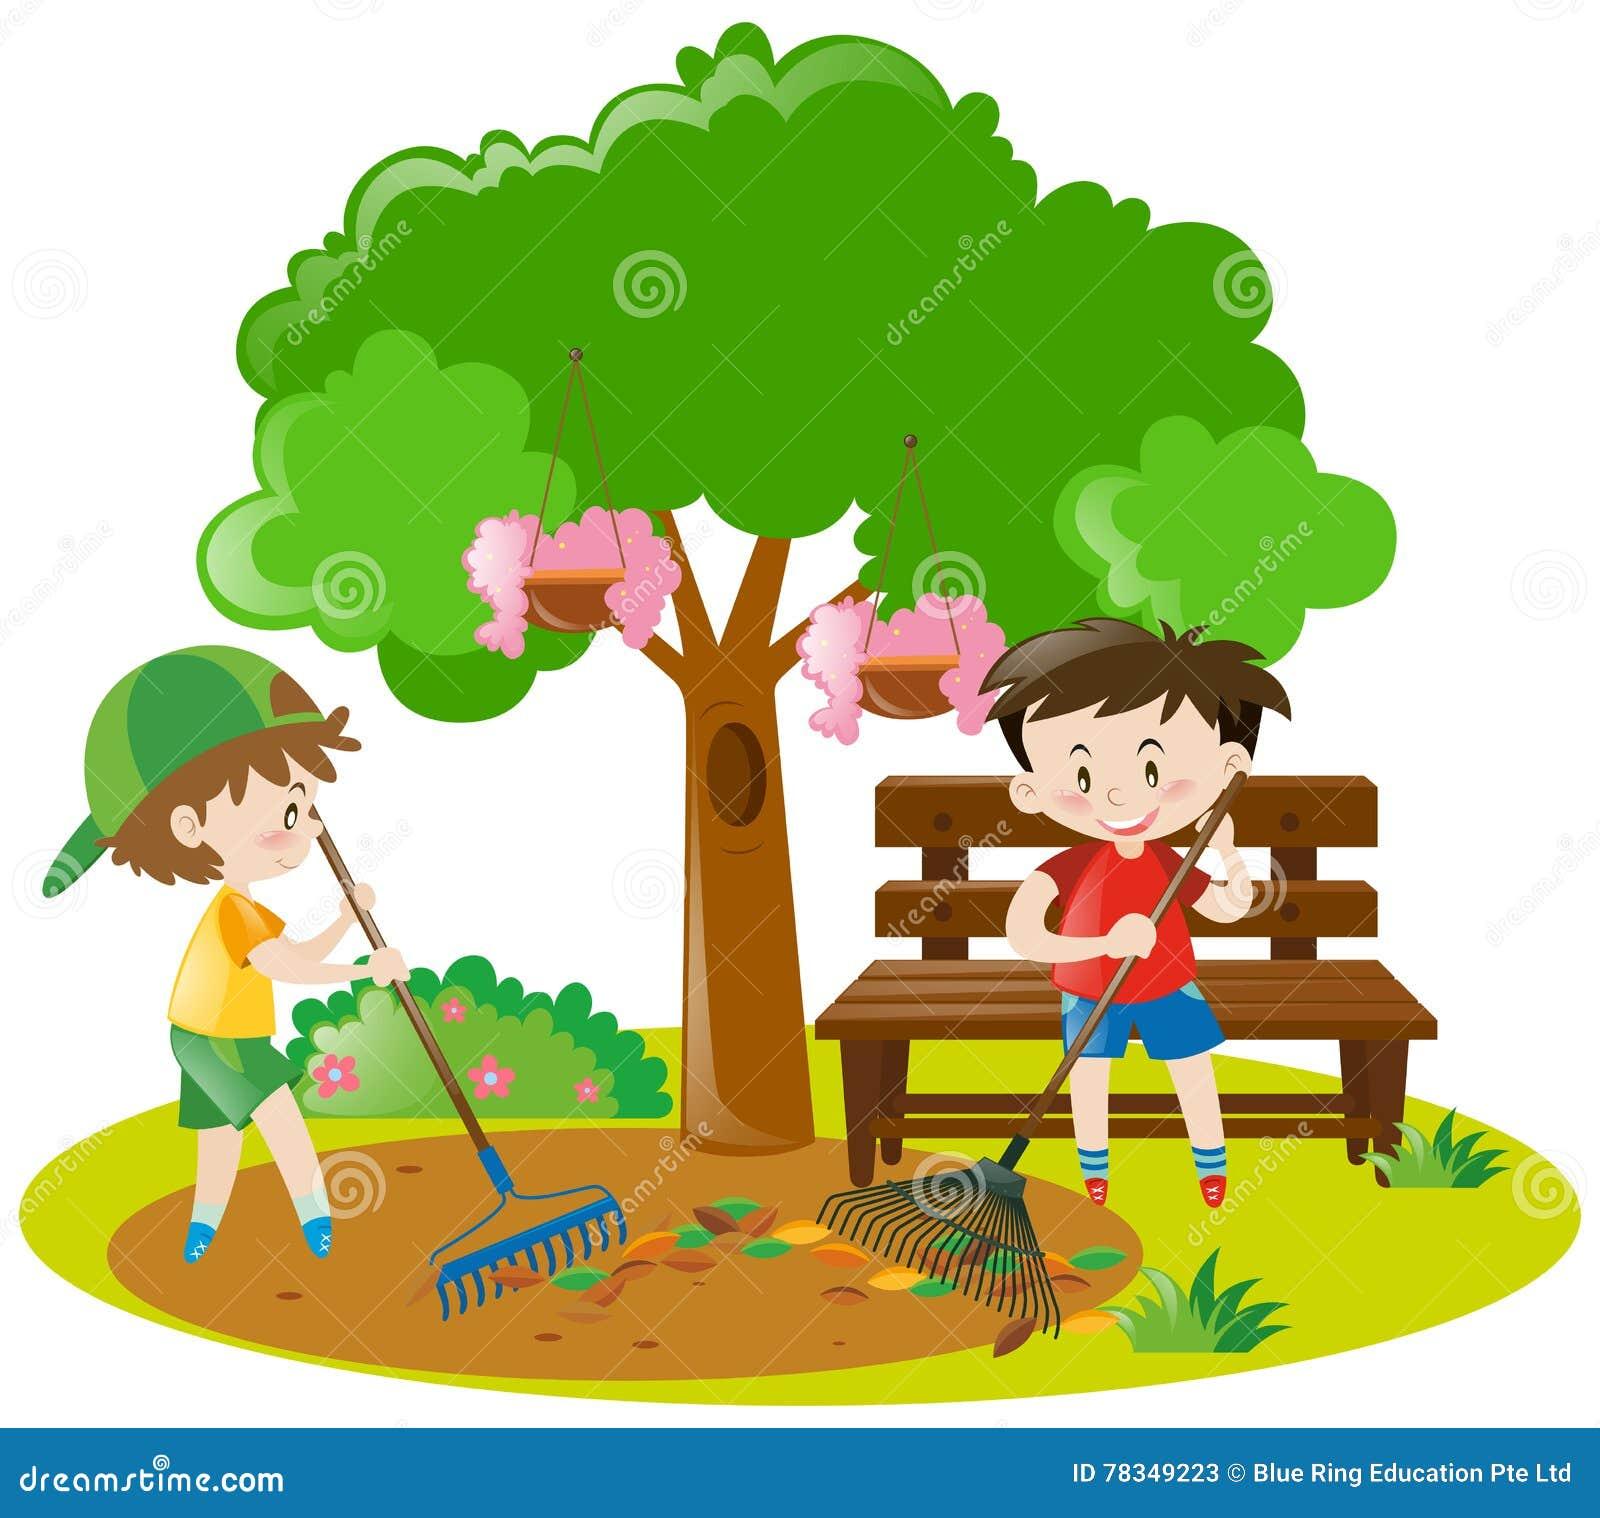 Two Boys Raking Leaves In Garden Stock Vector Illustration Of Kids